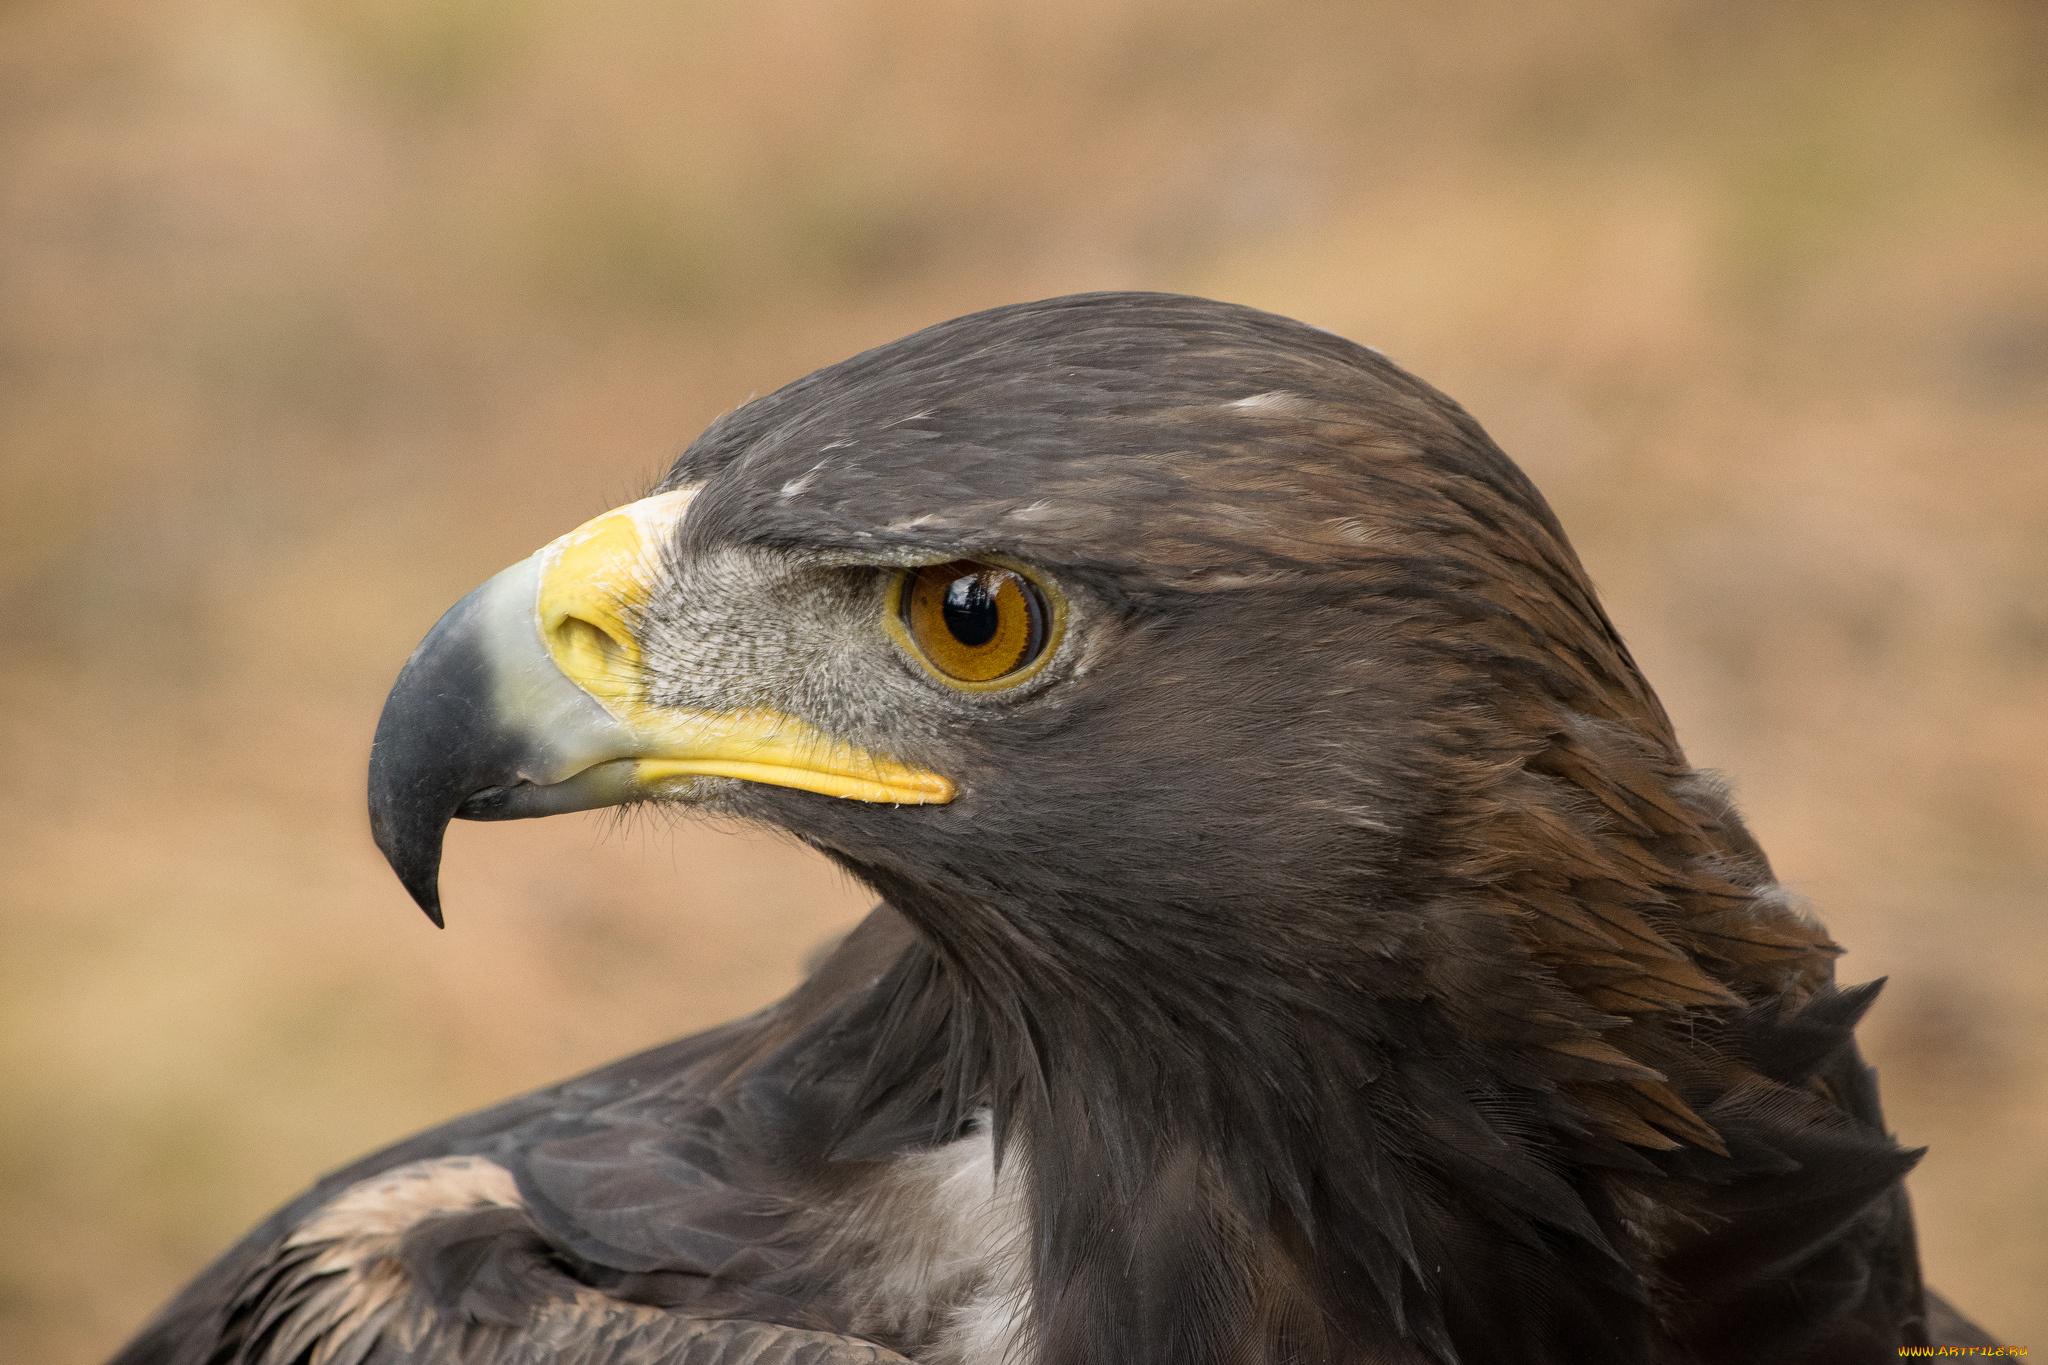 правило, каталог фотографии хищных птиц с названиями поезде анапы или